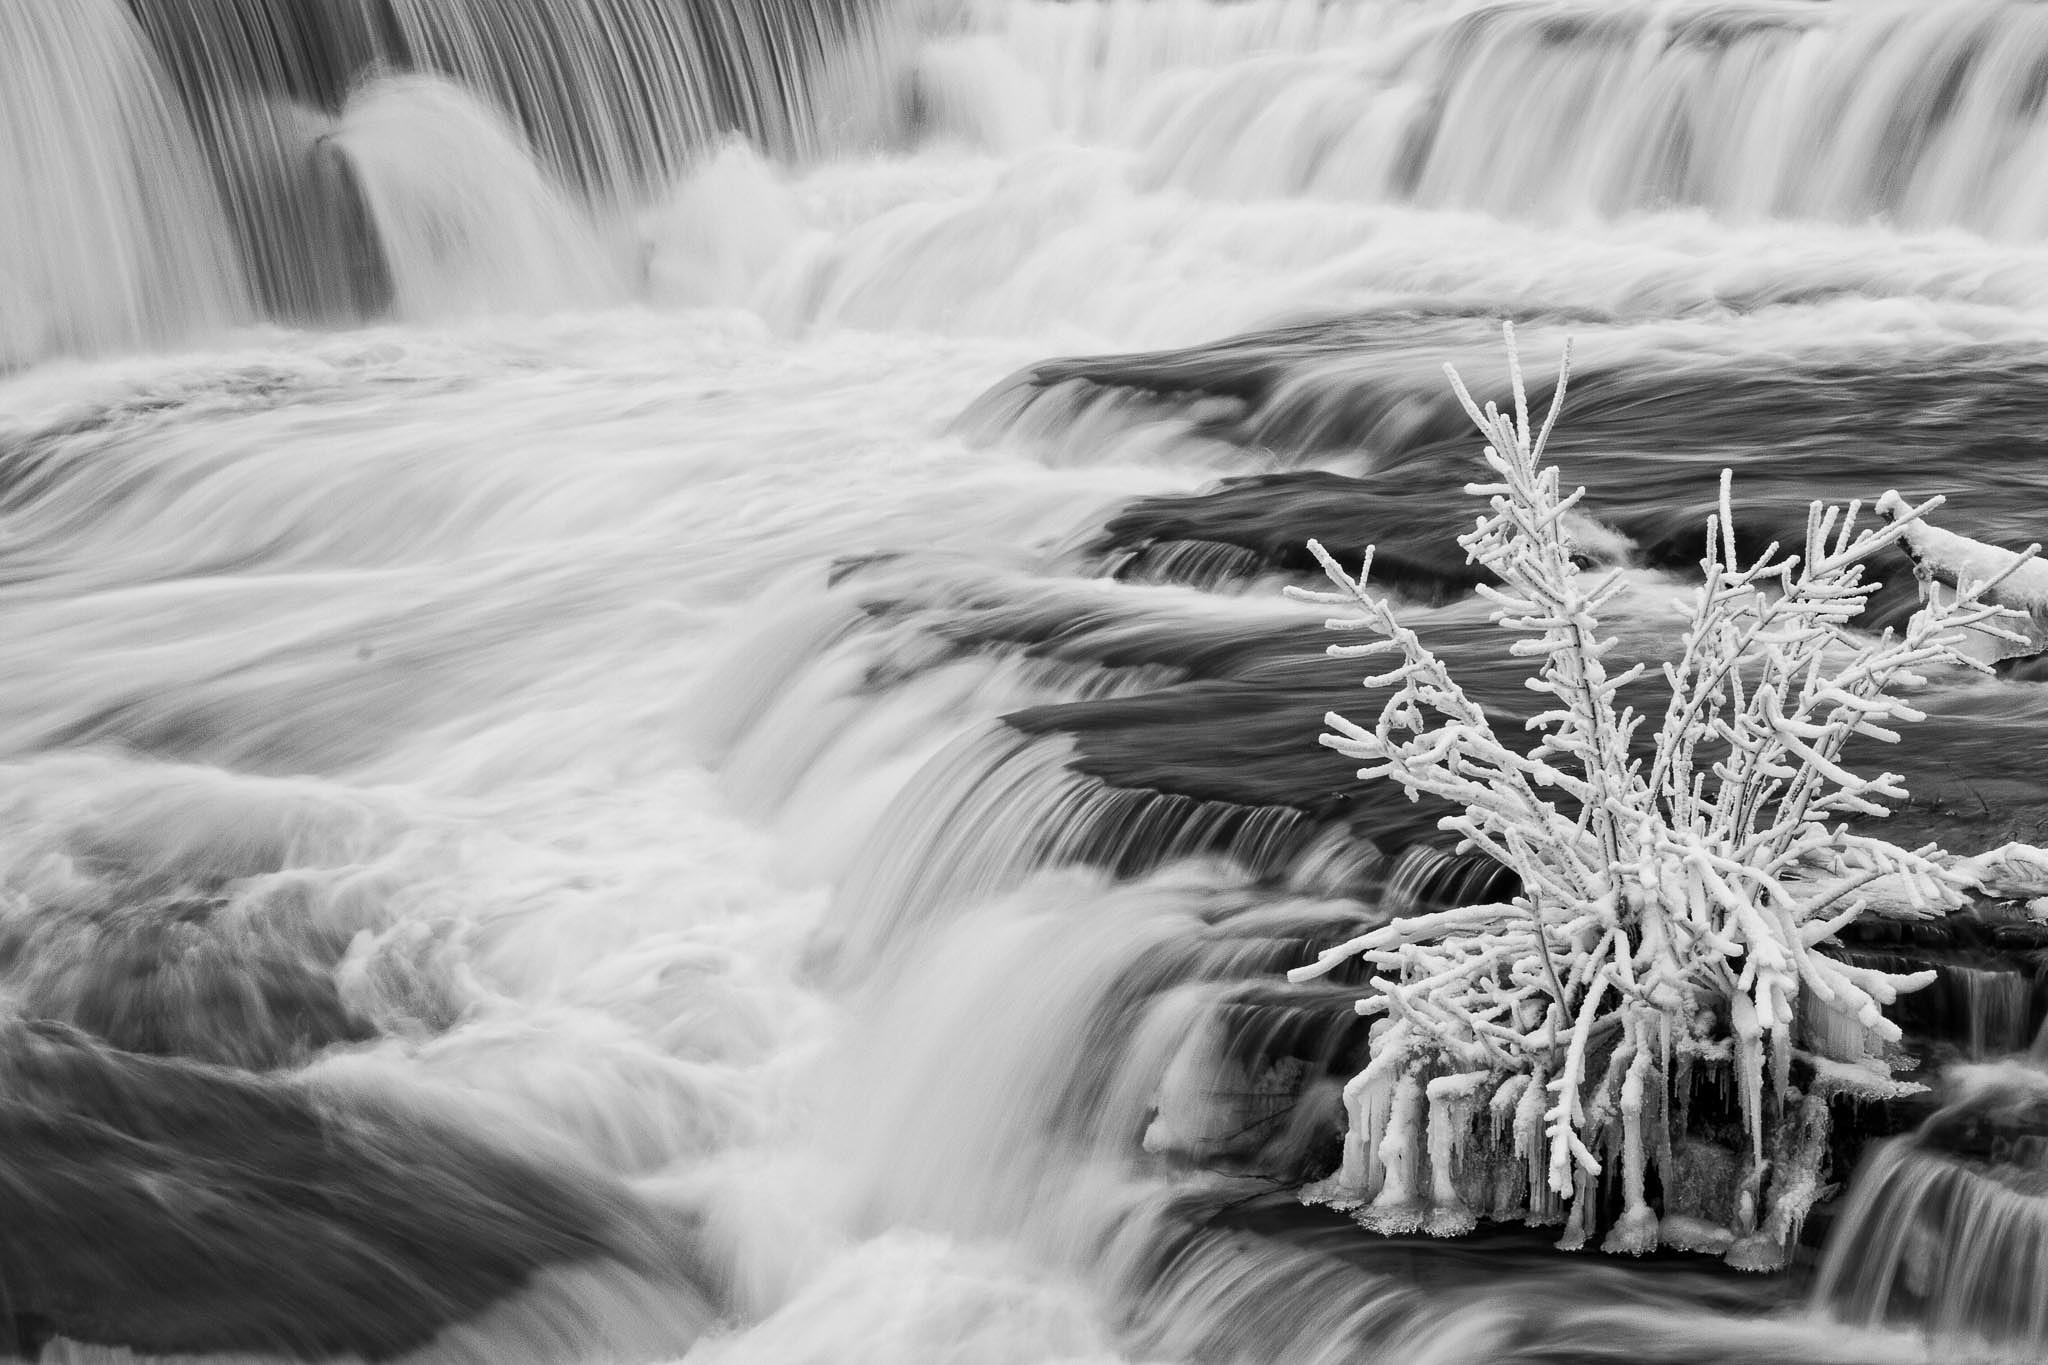 Frozen In Ice by Paul Berkloo